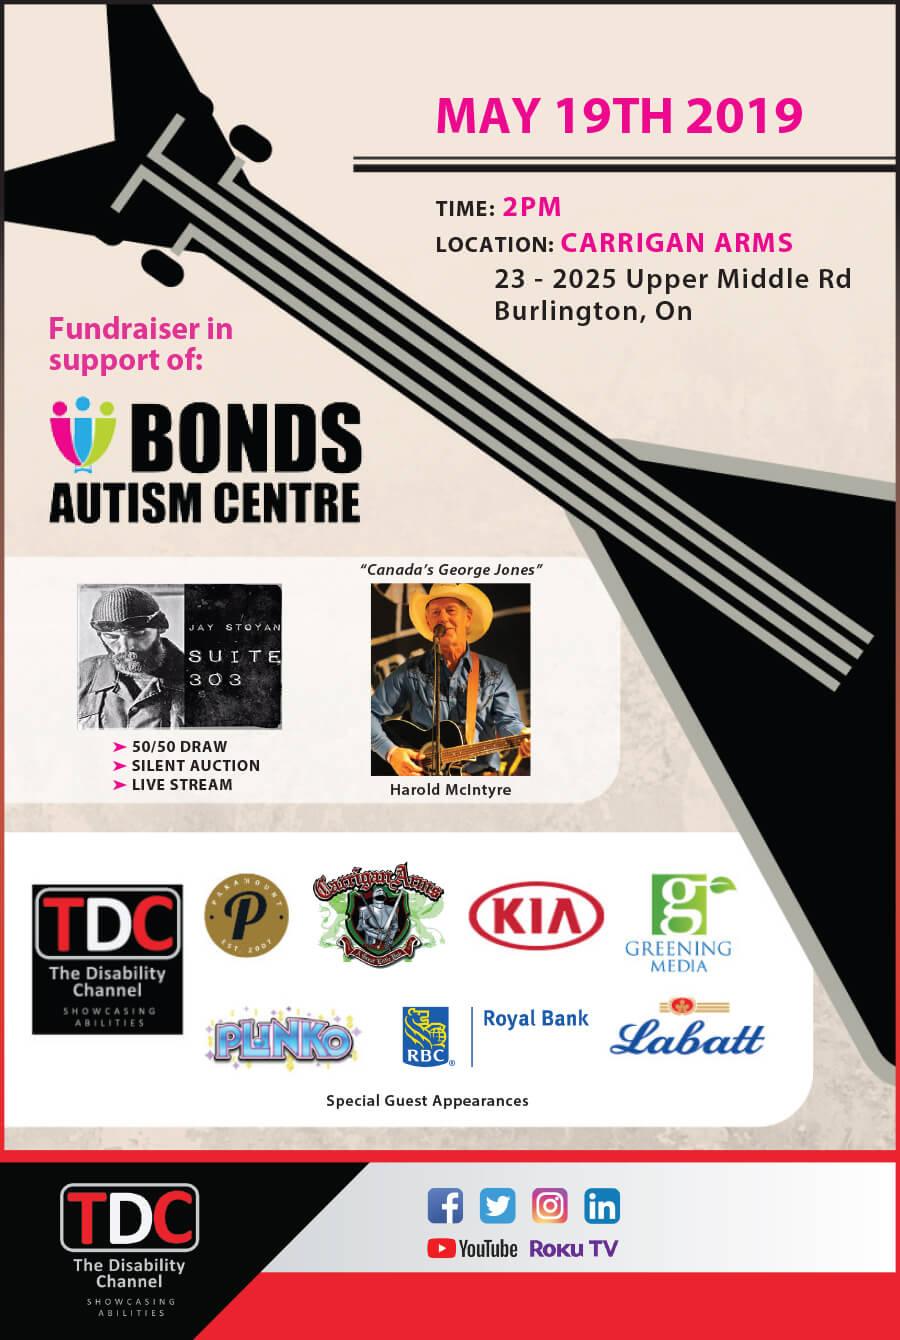 Bond Autism Fund event